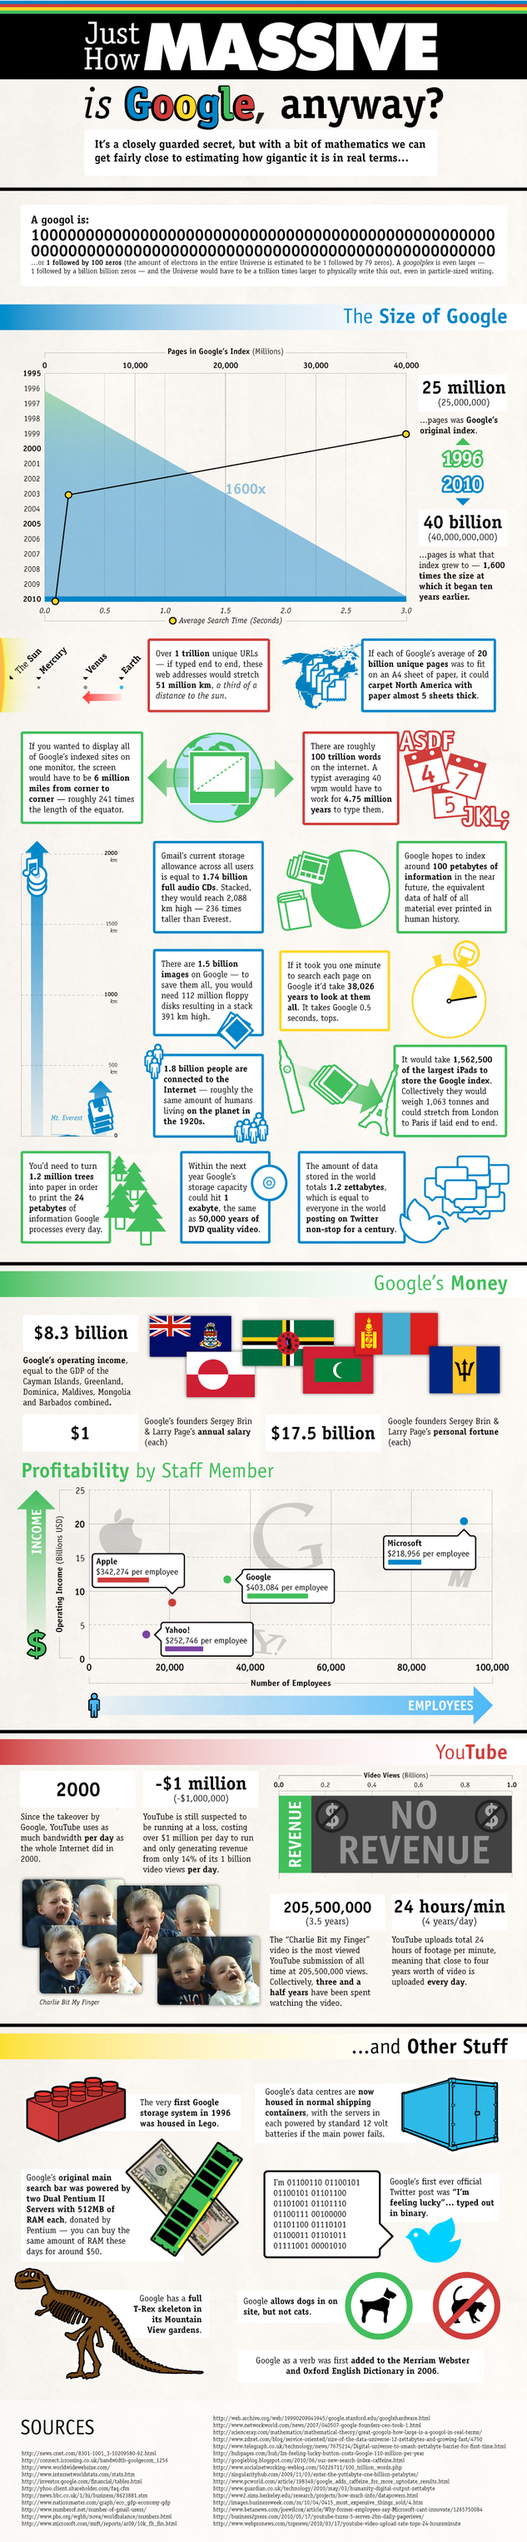 Google en chiffres et en 1 image